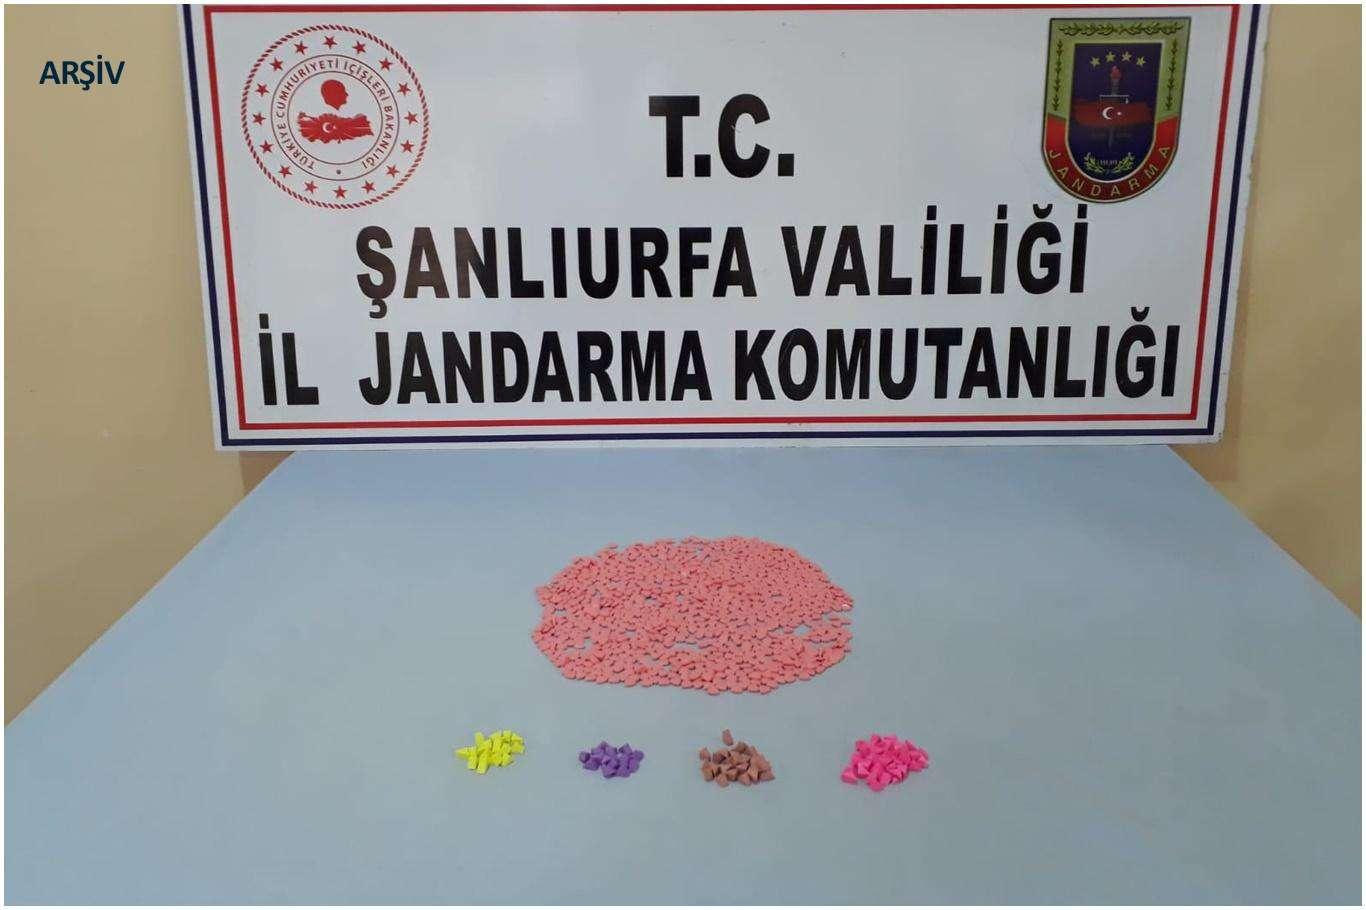 Şanlıurfa'da Araç İçerisinde Uyuşturucu Madde Yakalandı